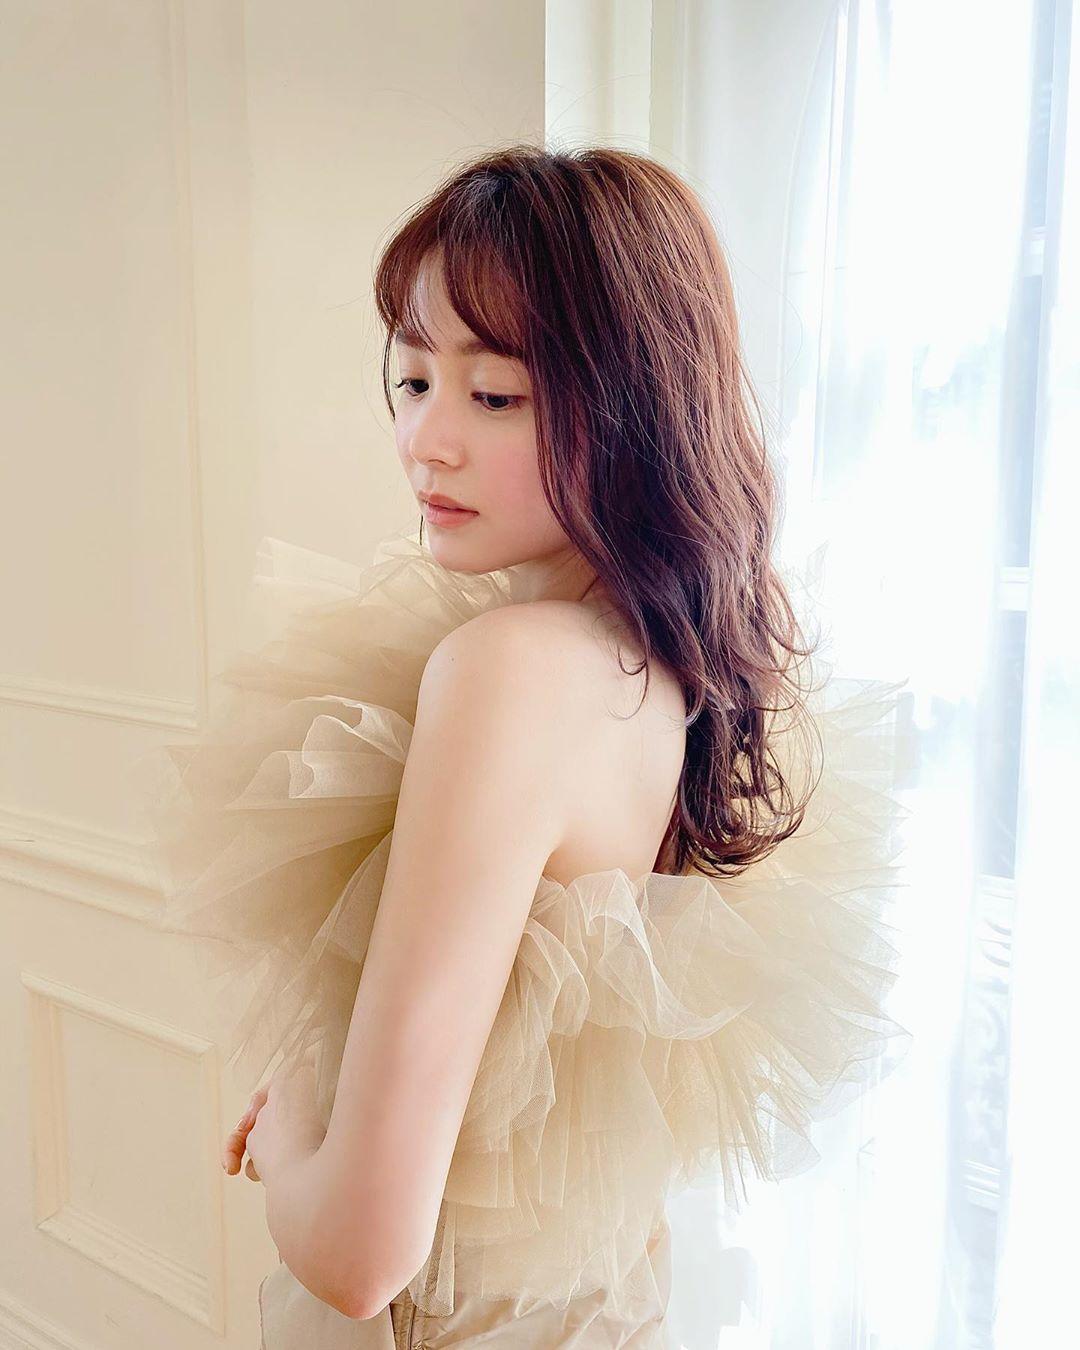 日本时尚杂志模特「久间田琳加」清甜笑容迷倒众生 女友感满点爆棚